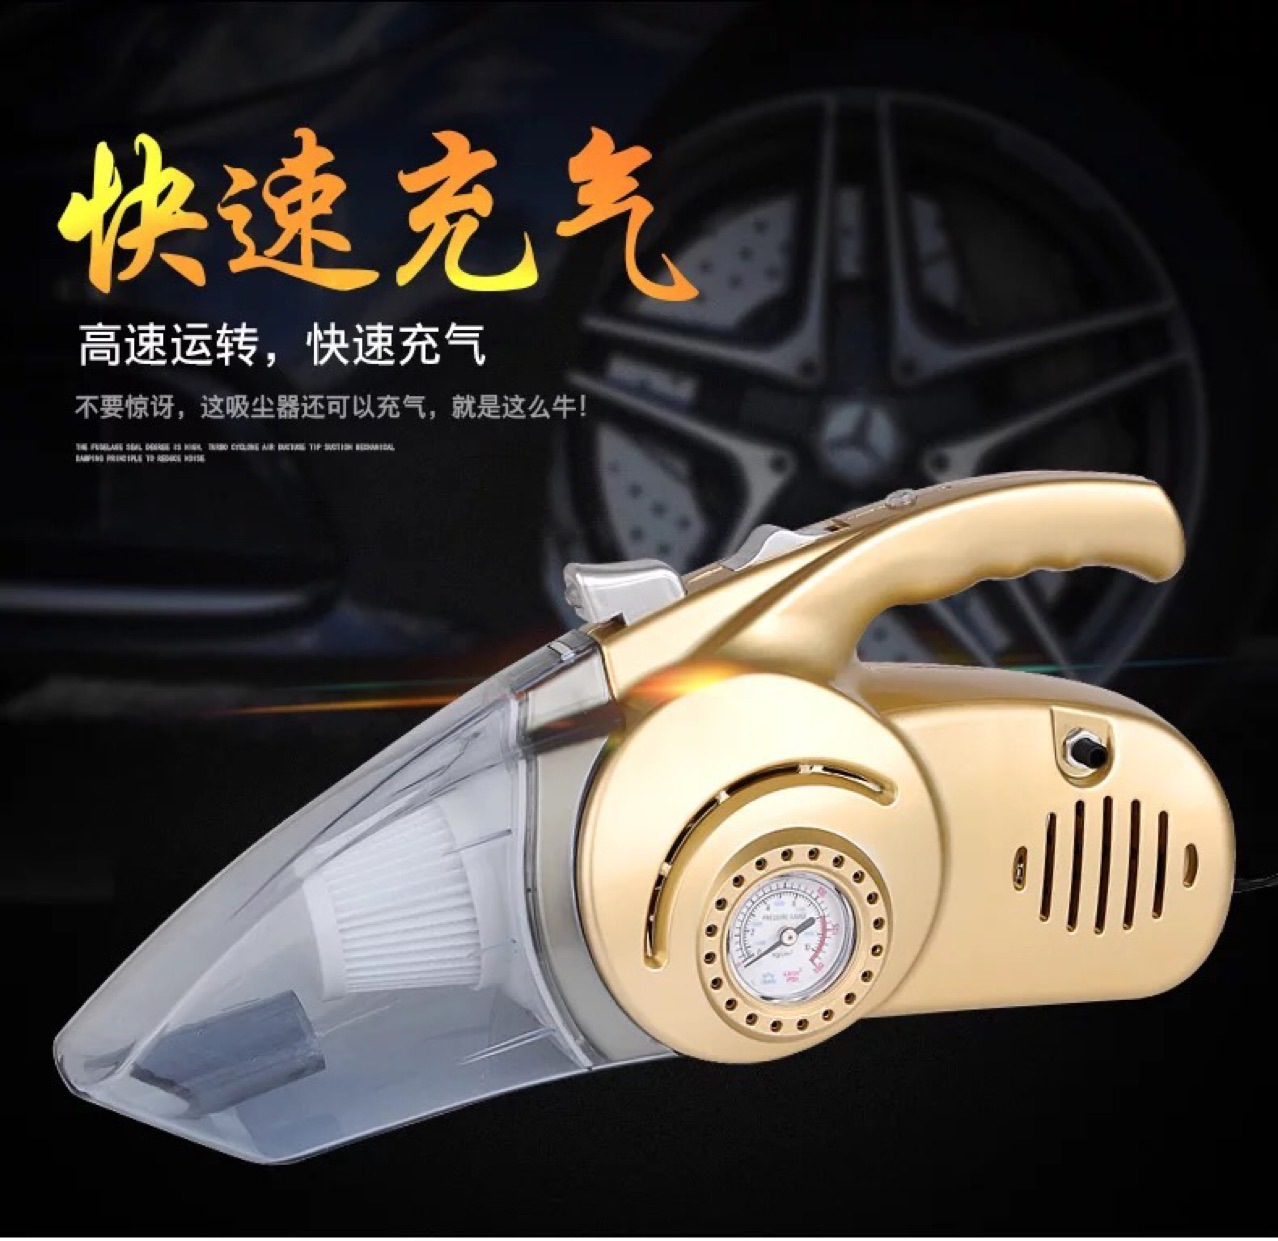 producătorii de automobile produse de un aspirator pompa de aer umed şi uscat maşina acasă de aspirator.